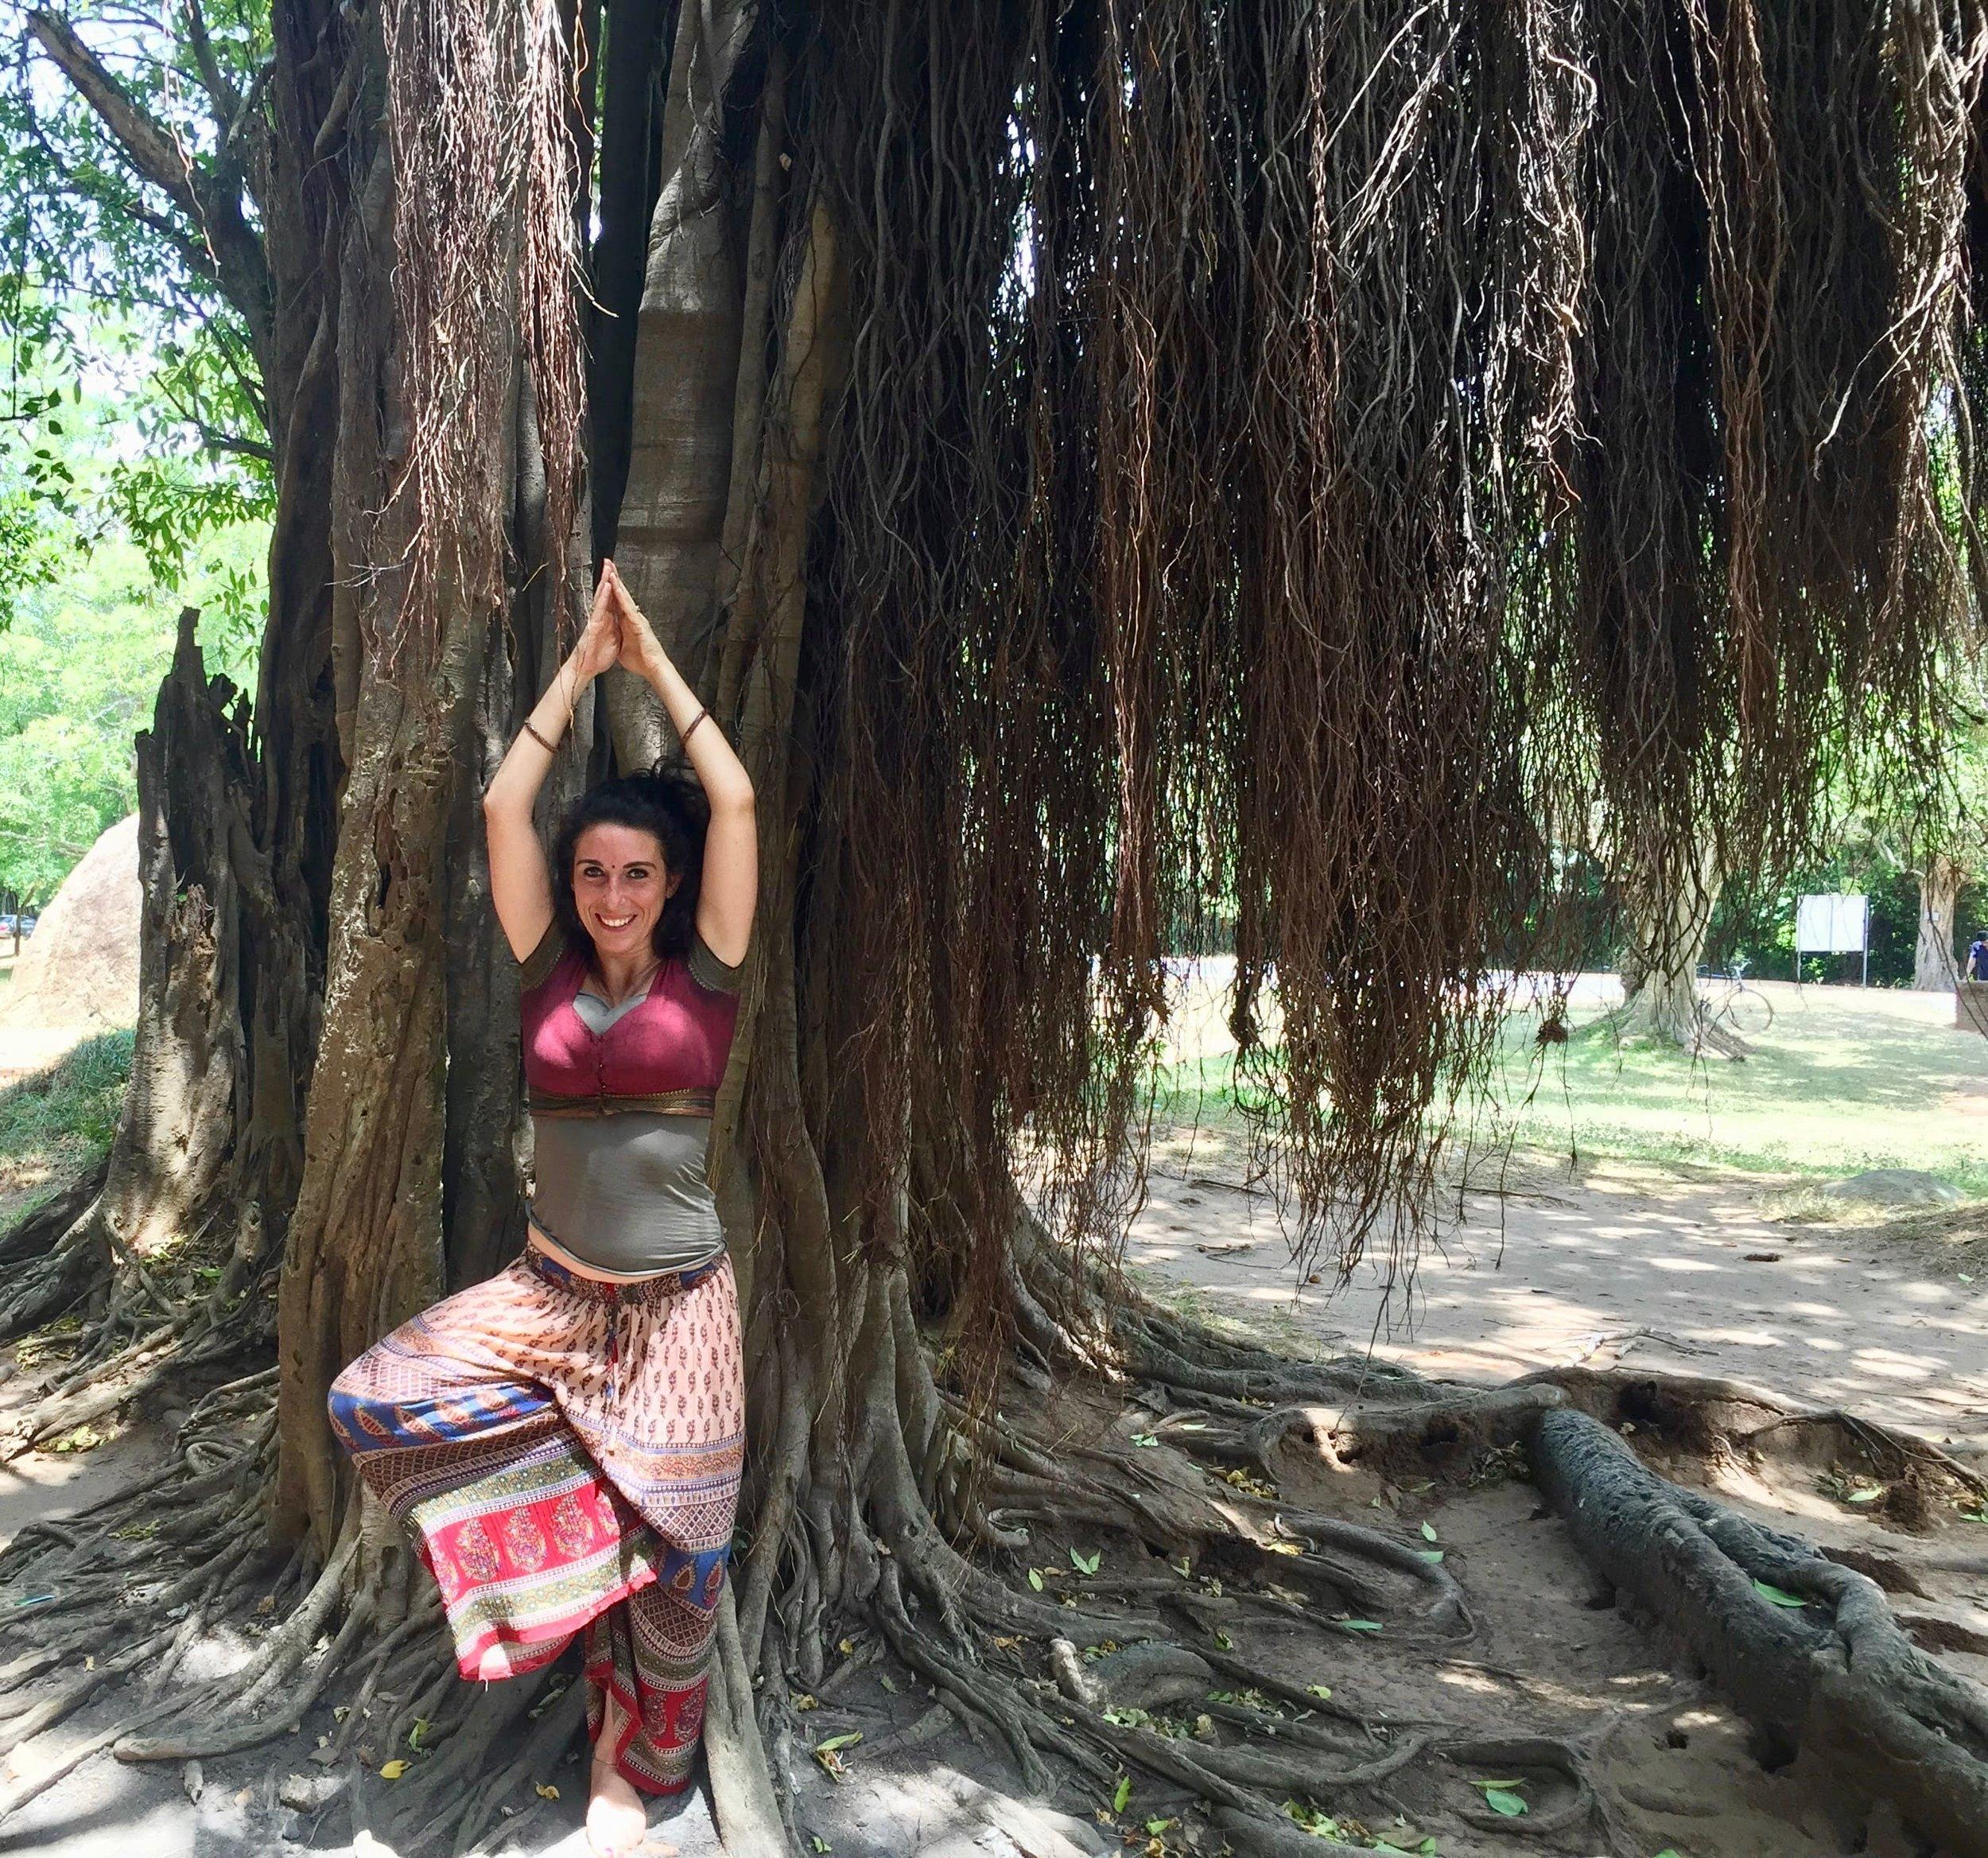 Lara Magliocchetti Esperta Sri Lanka Yoga.jpeg